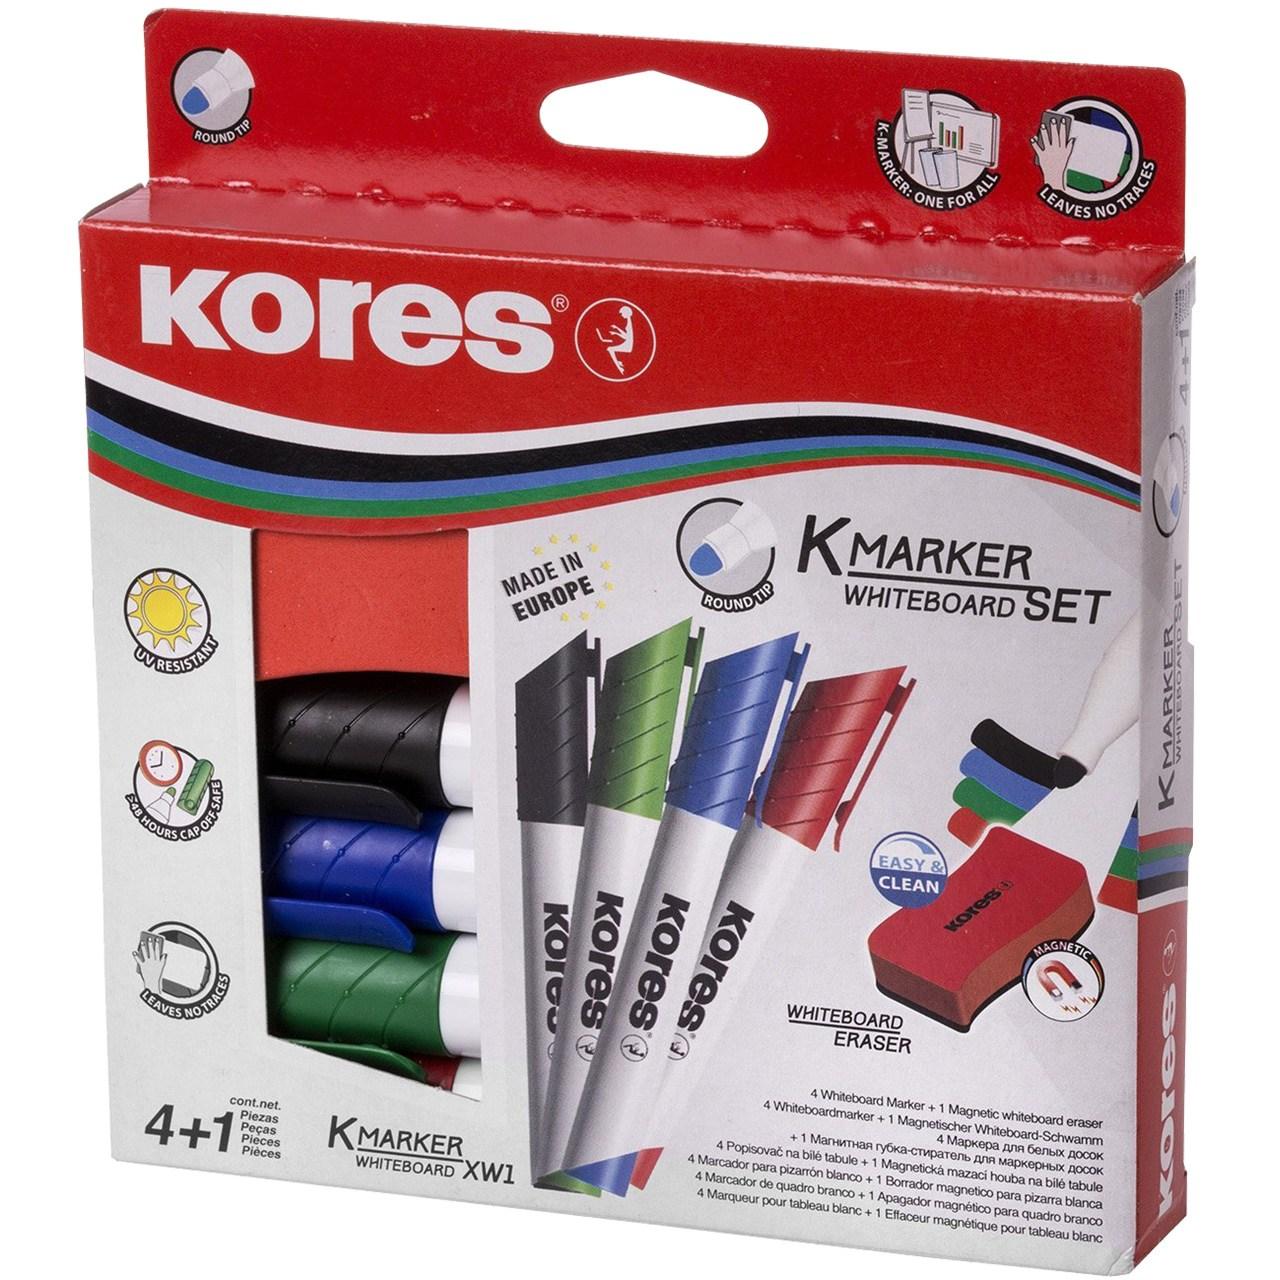 ست ماژیک و تخته پاک کن وایت برد کورس مدل K